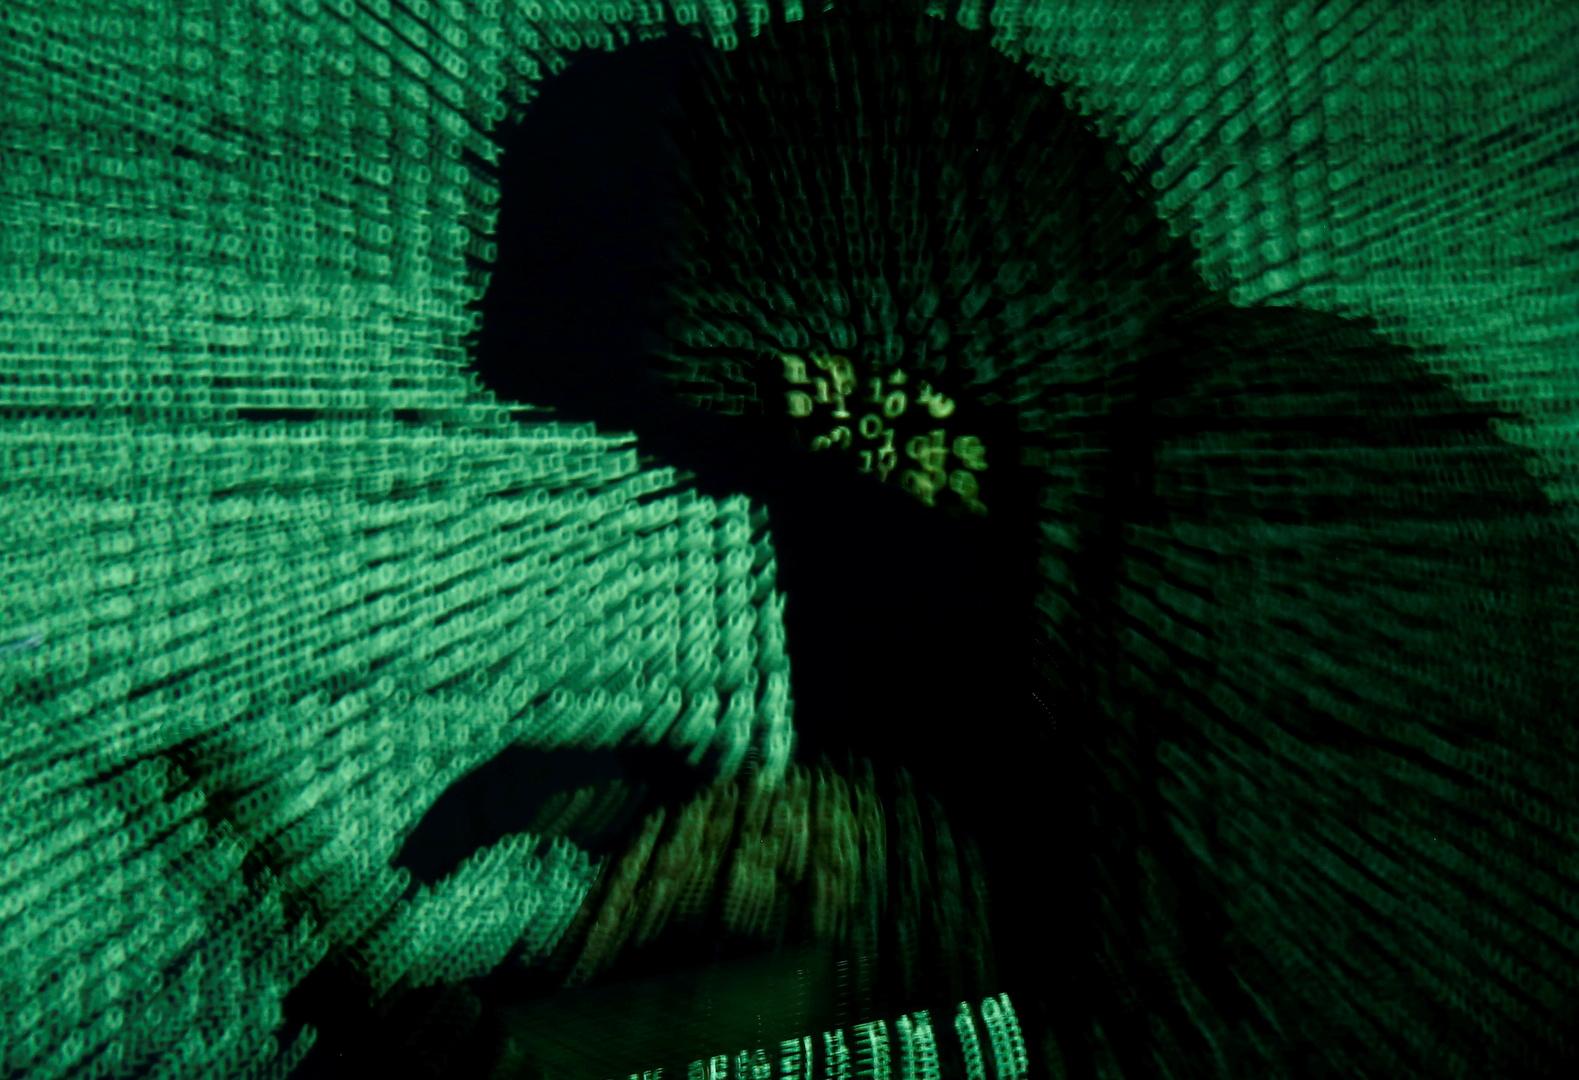 الأمم المتحدة تدعو لتنظيم أفضل لتكنولوجيات المراقبة بعد قضية